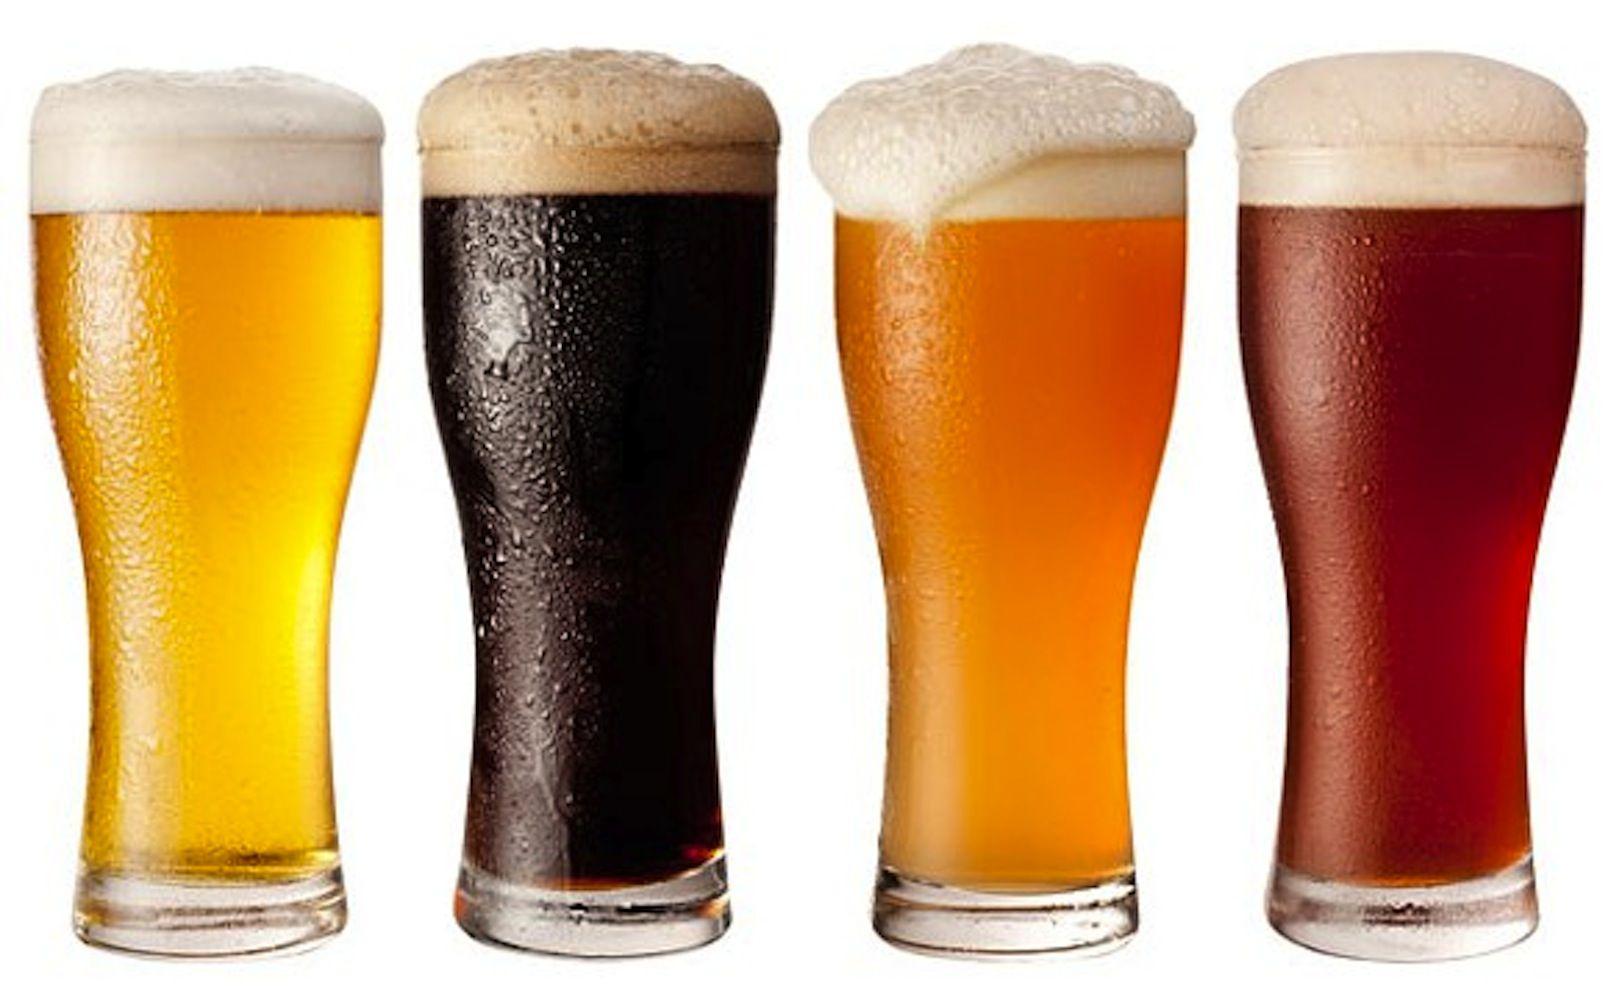 Maillard y la caramelización, una pesadilla para los cerveceros que usan extracto de malta.